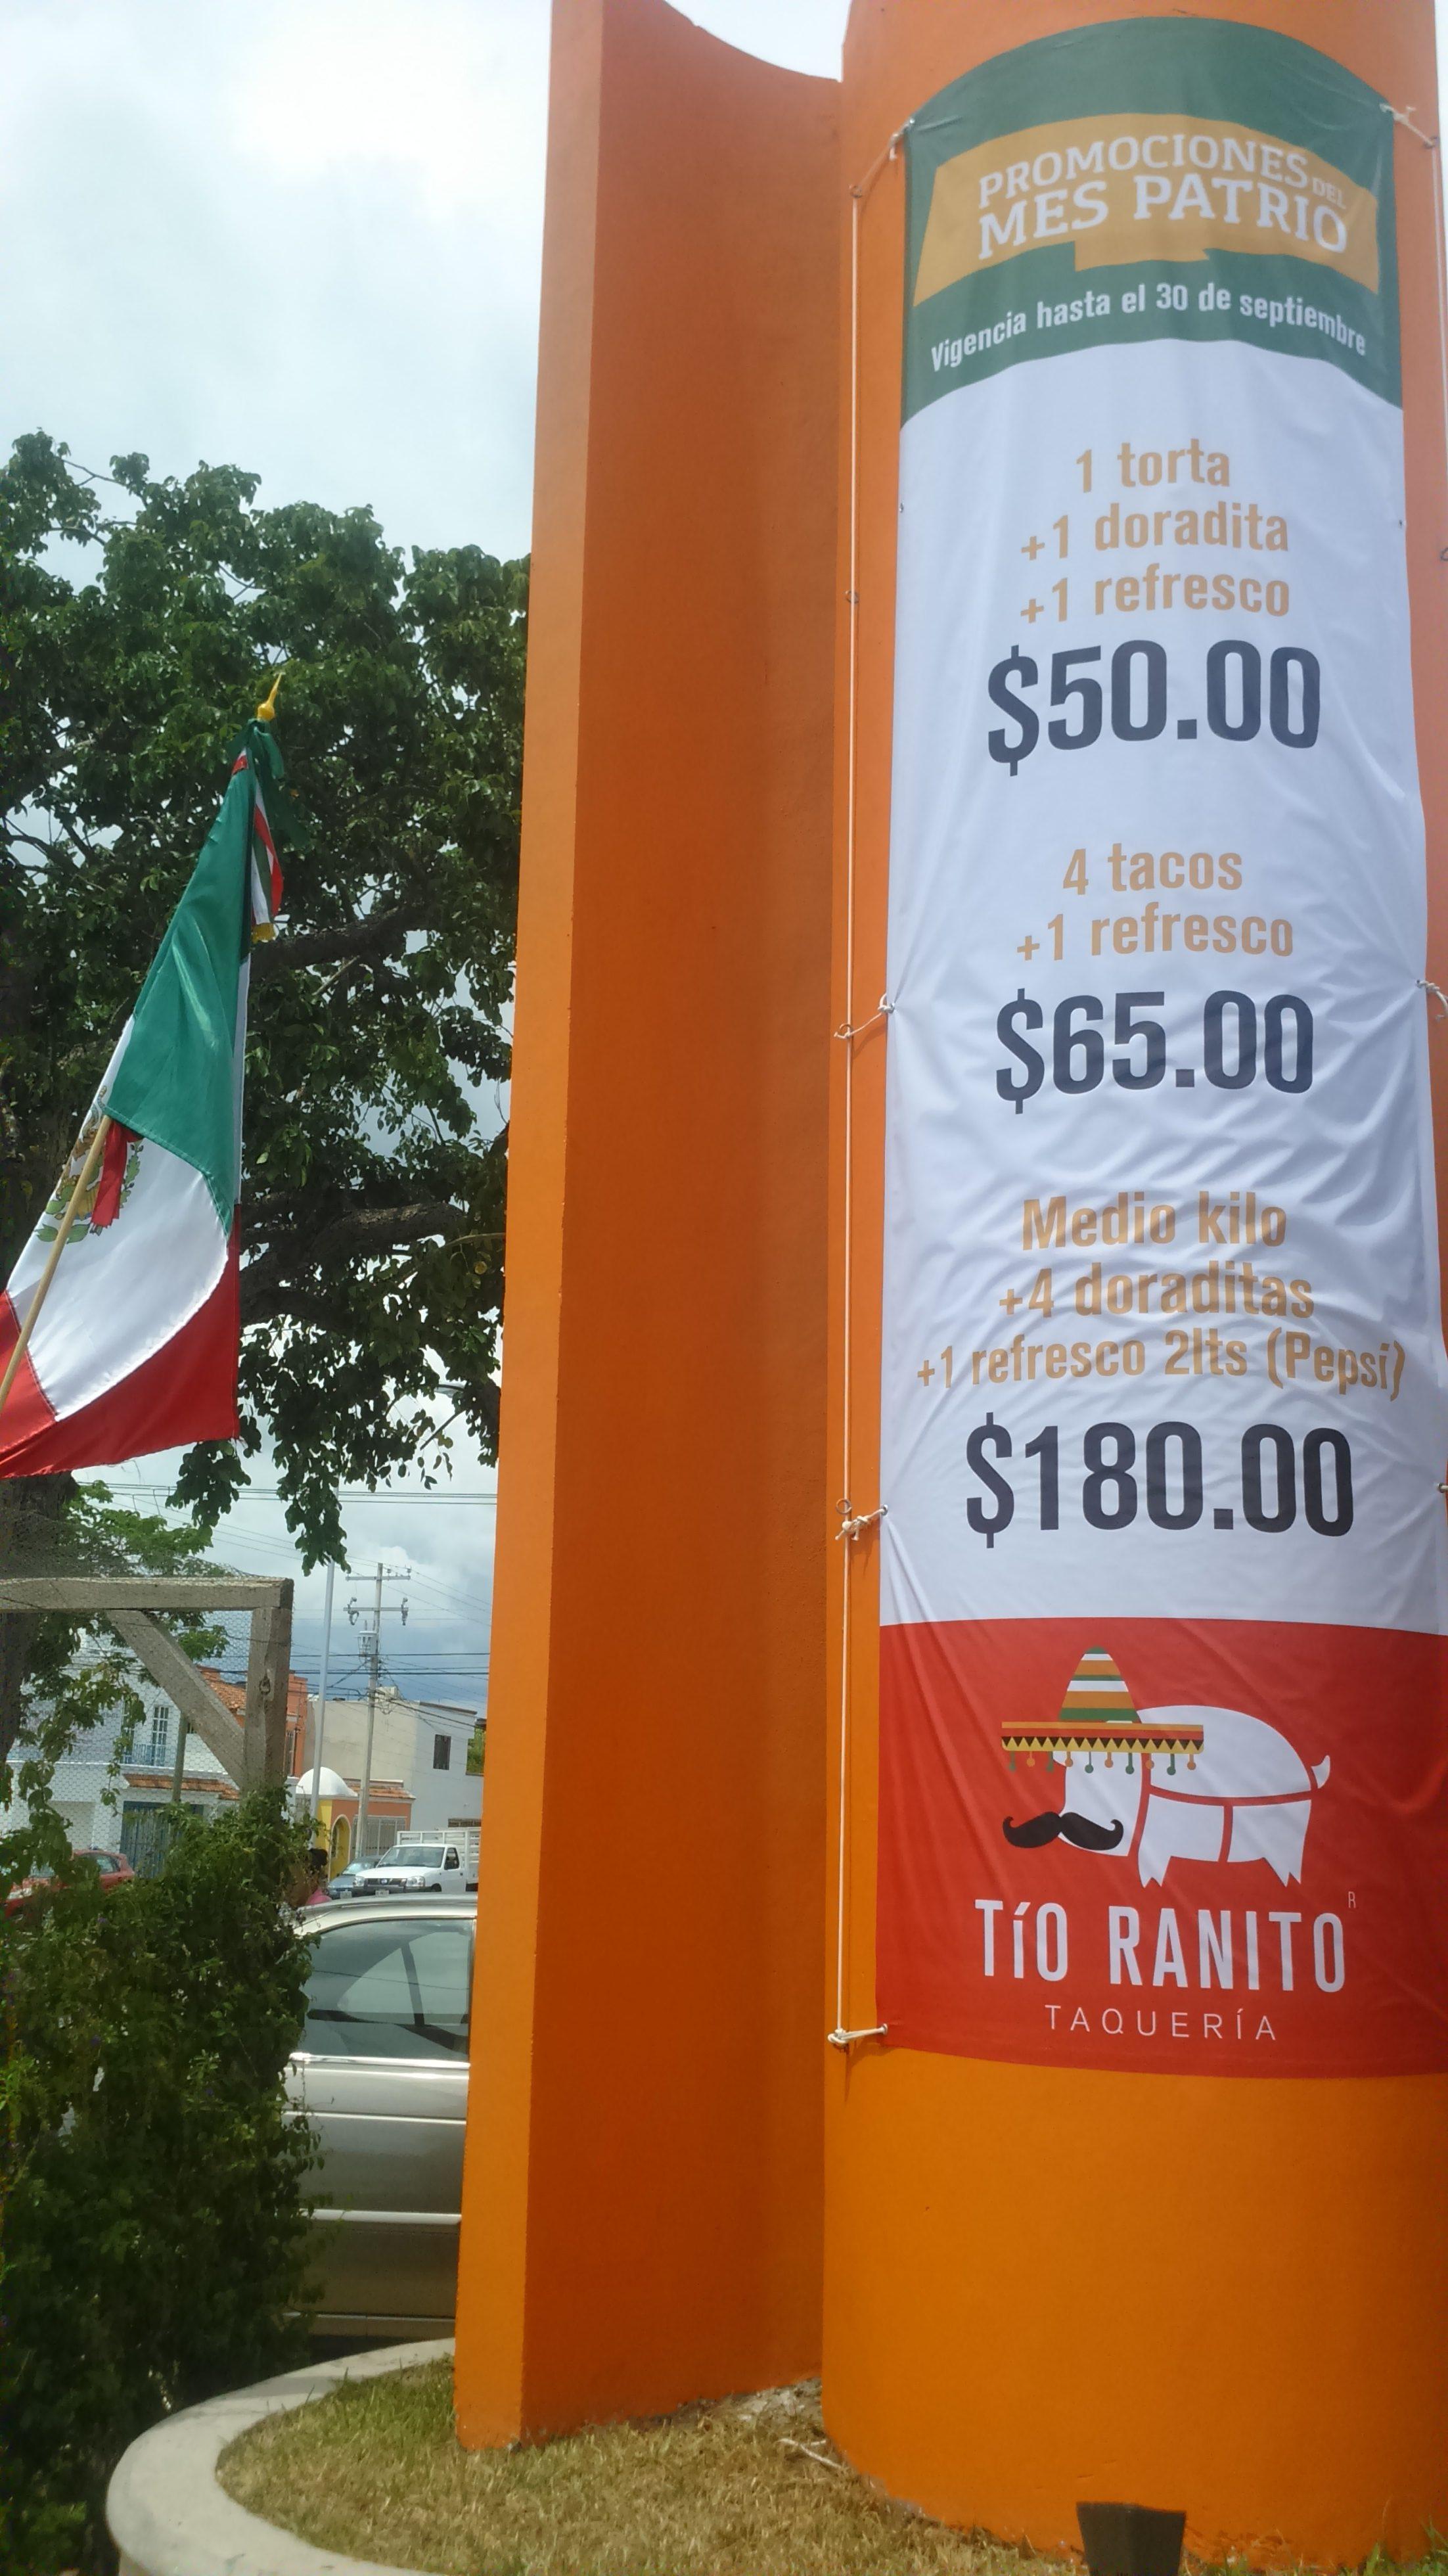 Restaurantes esperan repunte por Fiestas Patrias